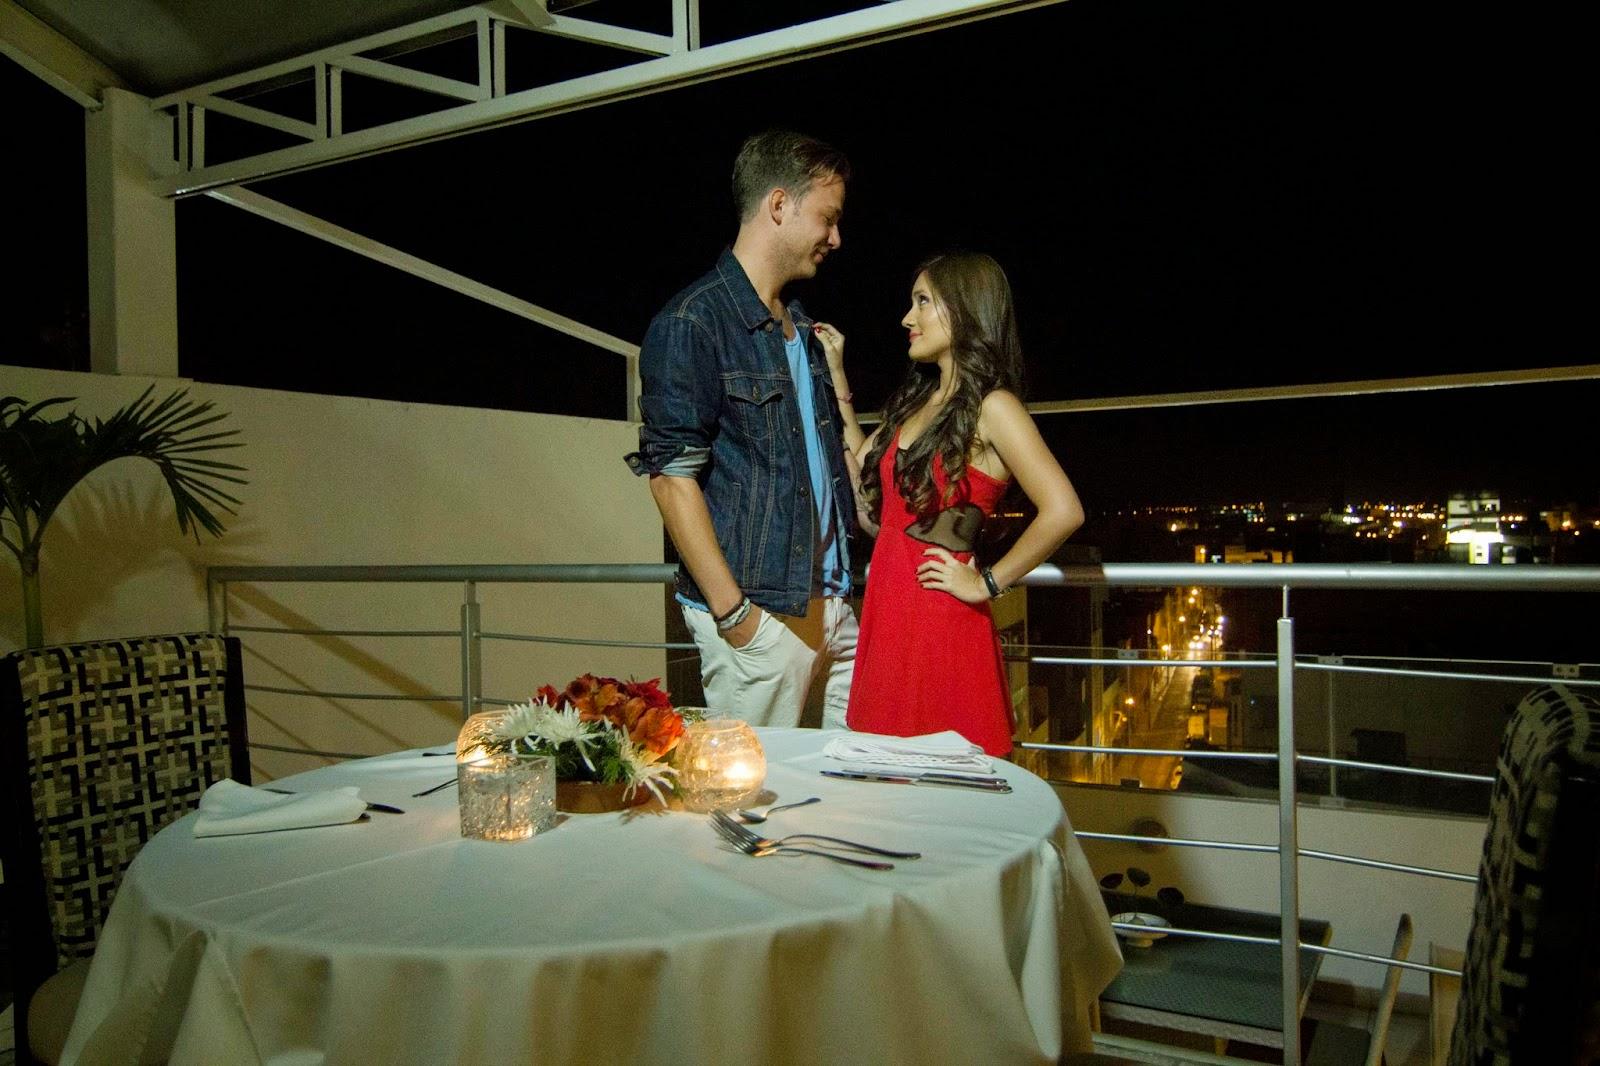 Una cena rom ntica en el hotel costa del sol chiclayo - Detalles para cena romantica ...